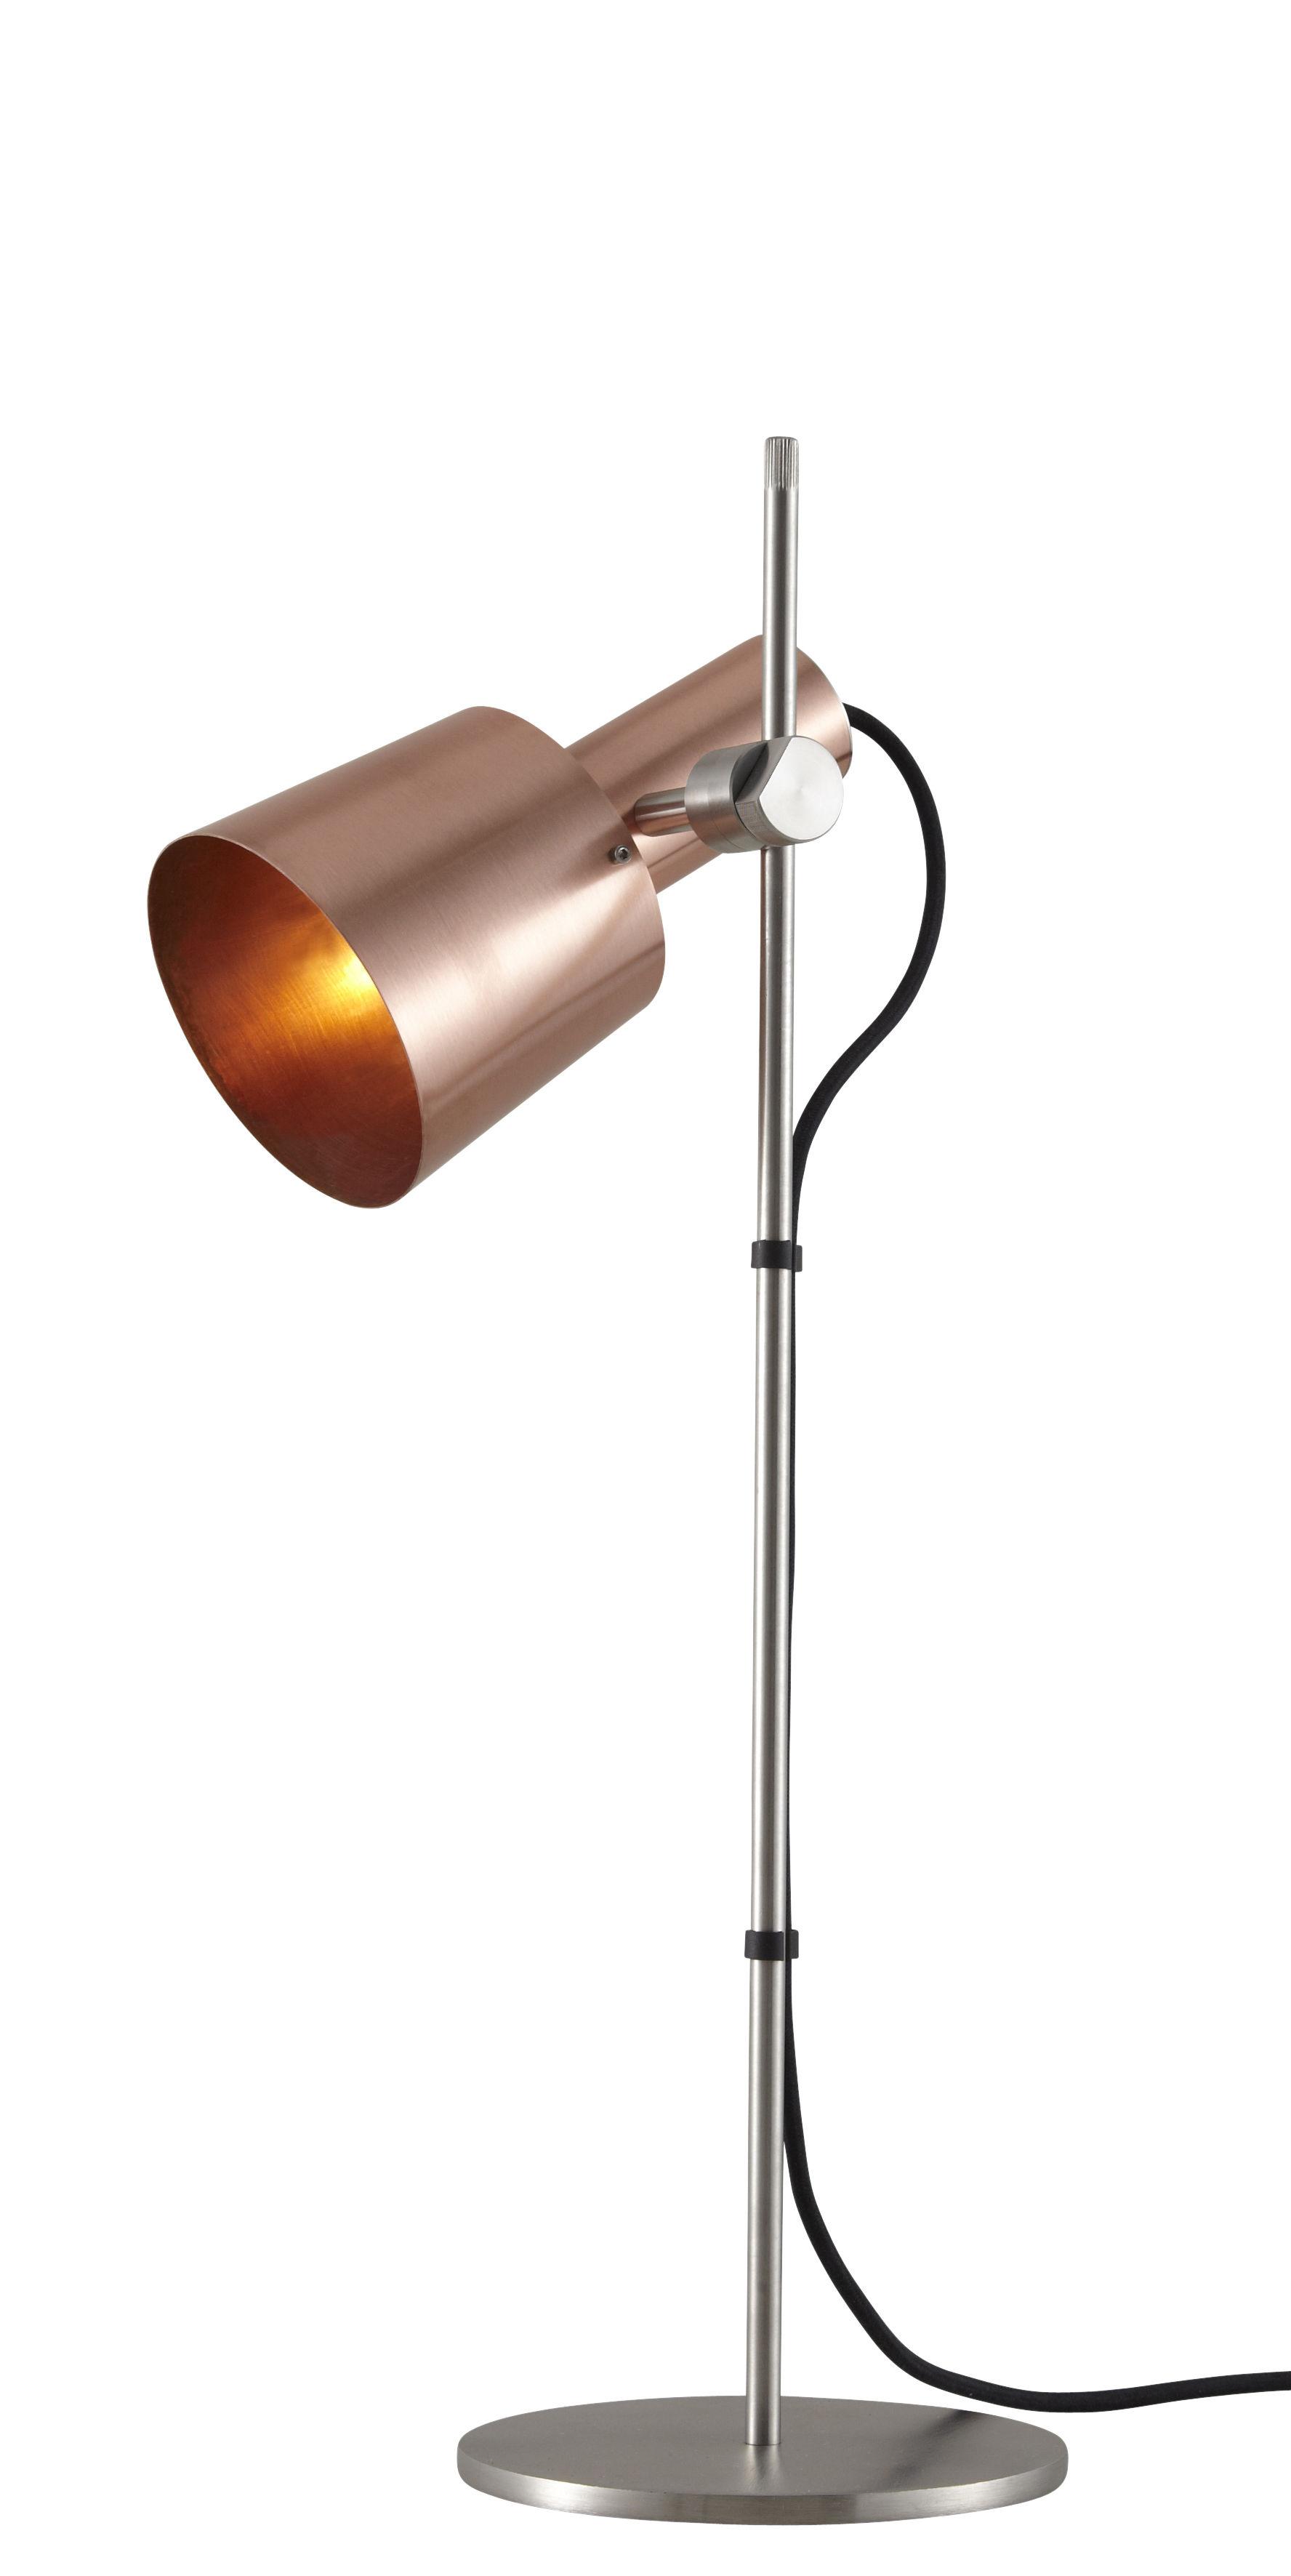 Luminaire - Lampes de table - Lampe de table Chester / H 57 cm - Ajustable & orientable - Original BTC - Cuivre satiné / Pied acier - Acier inoxydable, Cuivre satiné